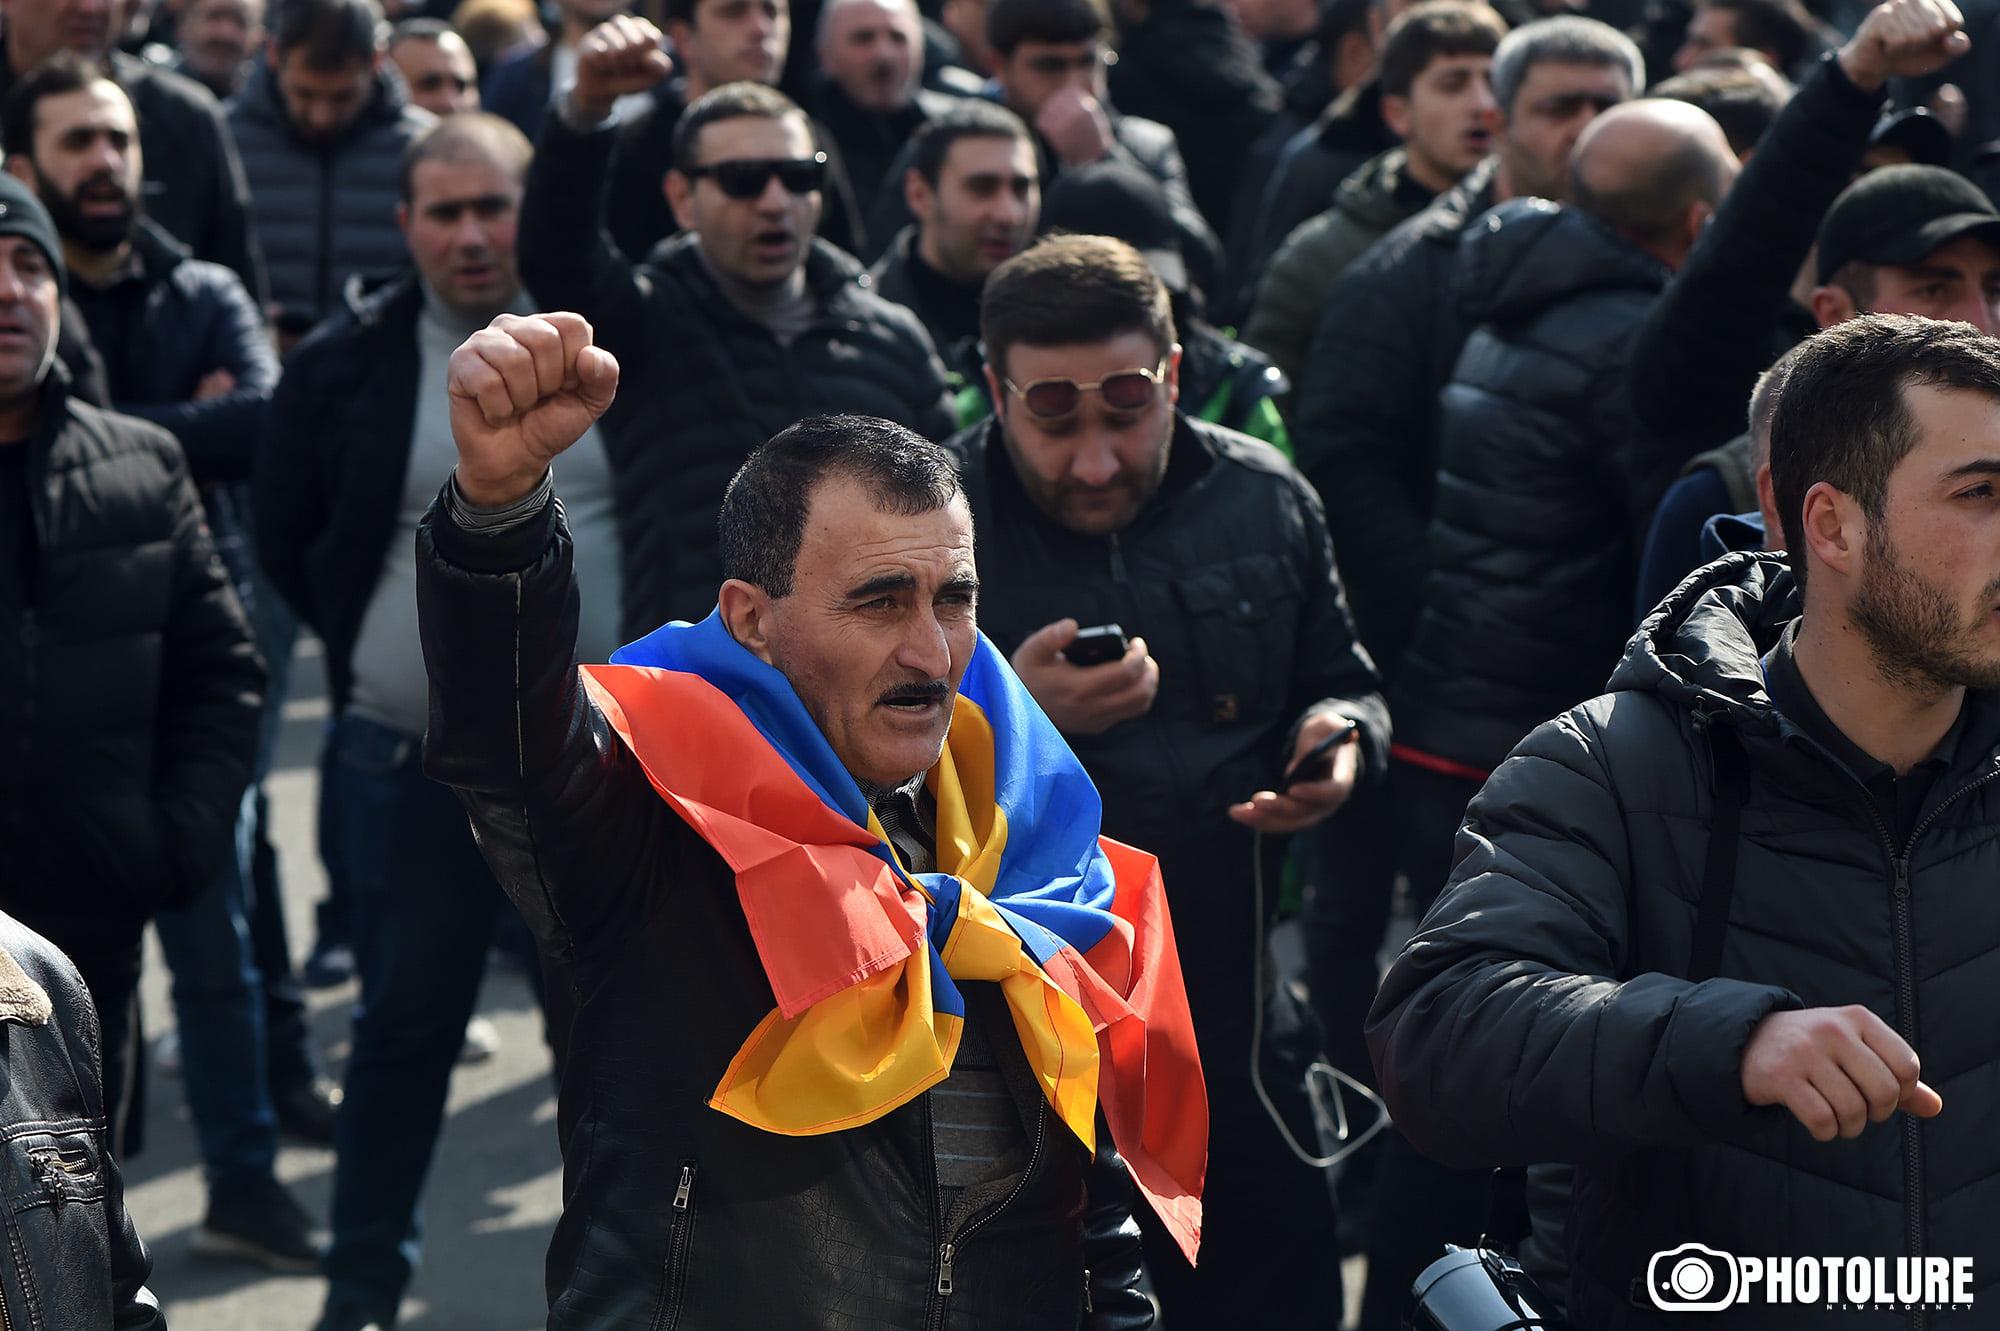 փոփոխություններ Հայաստանի Ընտրական օրենսգրքում